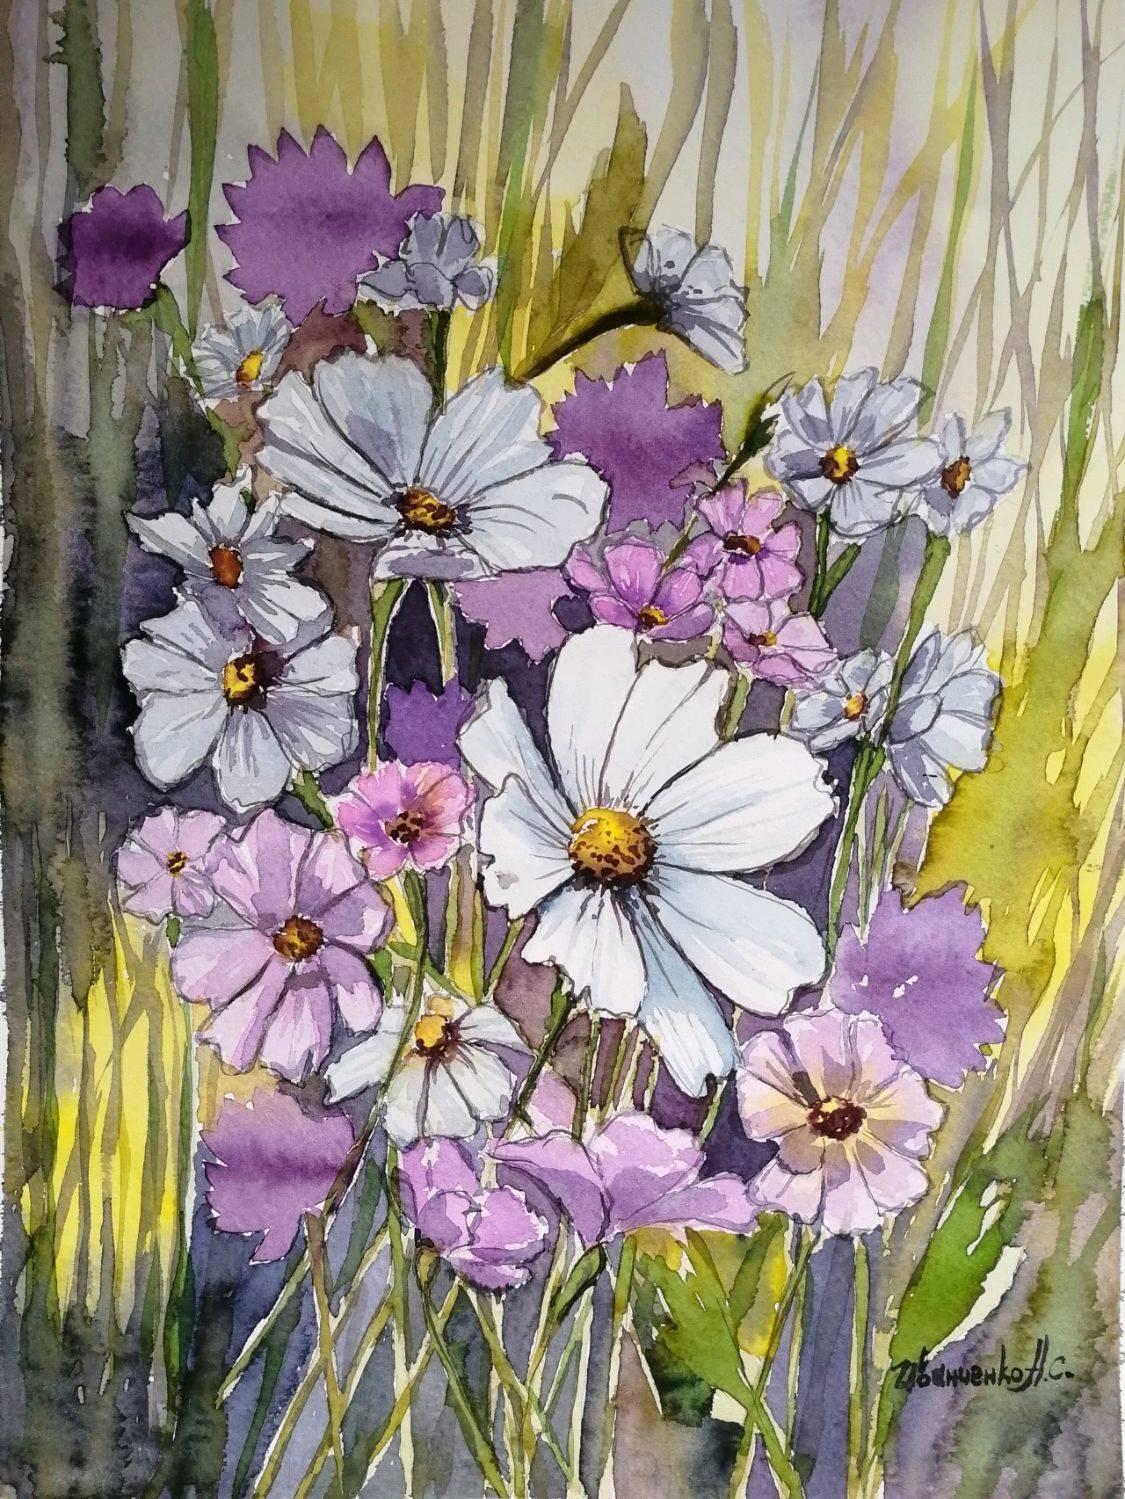 Что символизируют белые цветы – роза, лилия, ромашка и другие 15 видов цветов